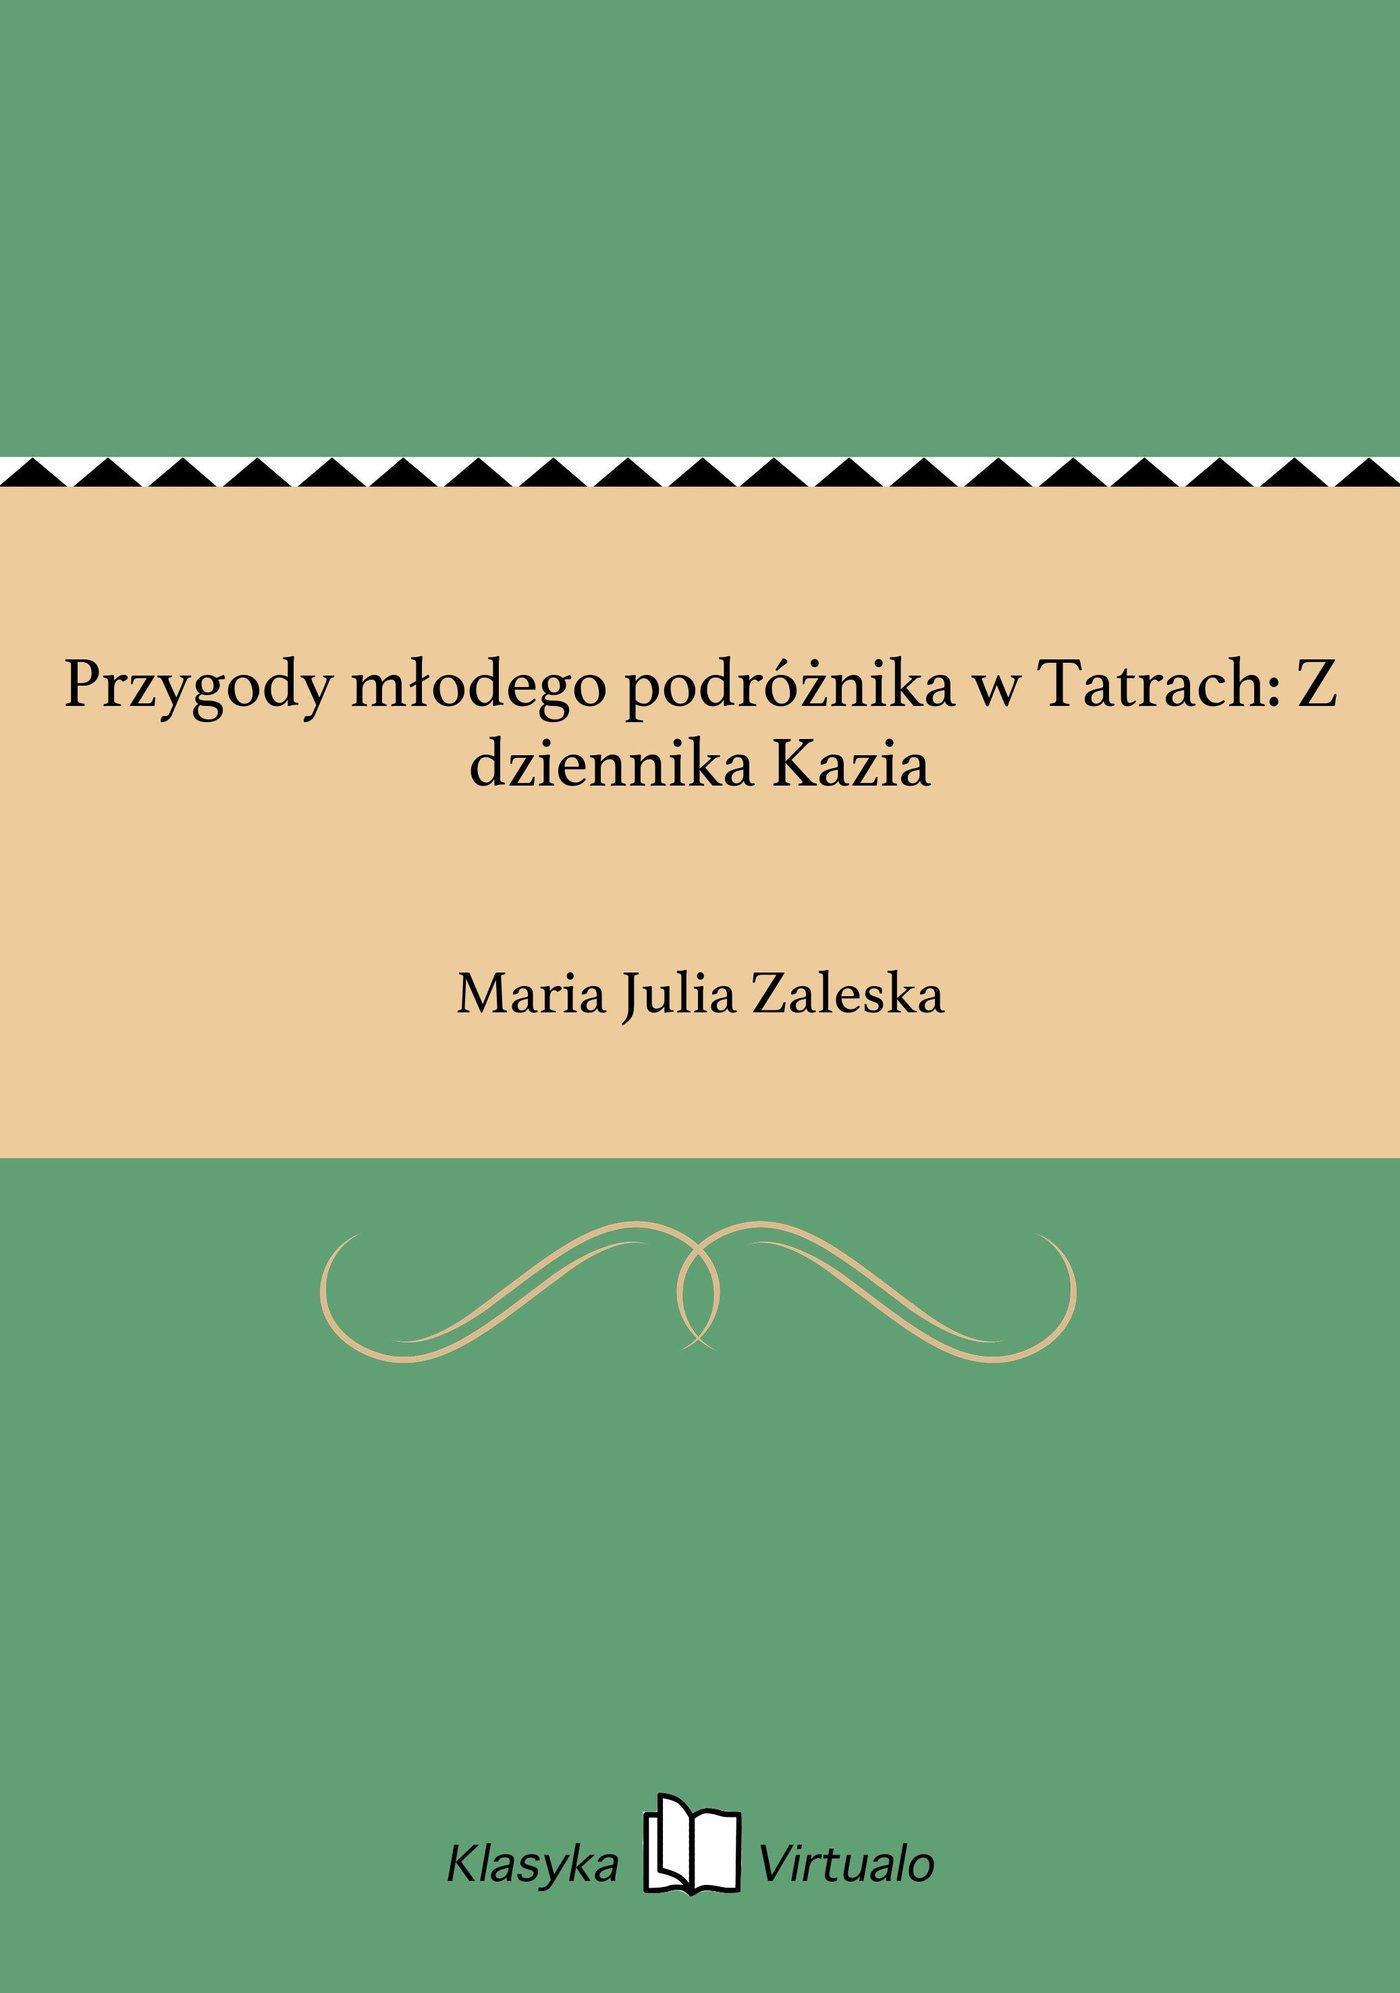 Przygody młodego podróżnika w Tatrach: Z dziennika Kazia - Ebook (Książka EPUB) do pobrania w formacie EPUB